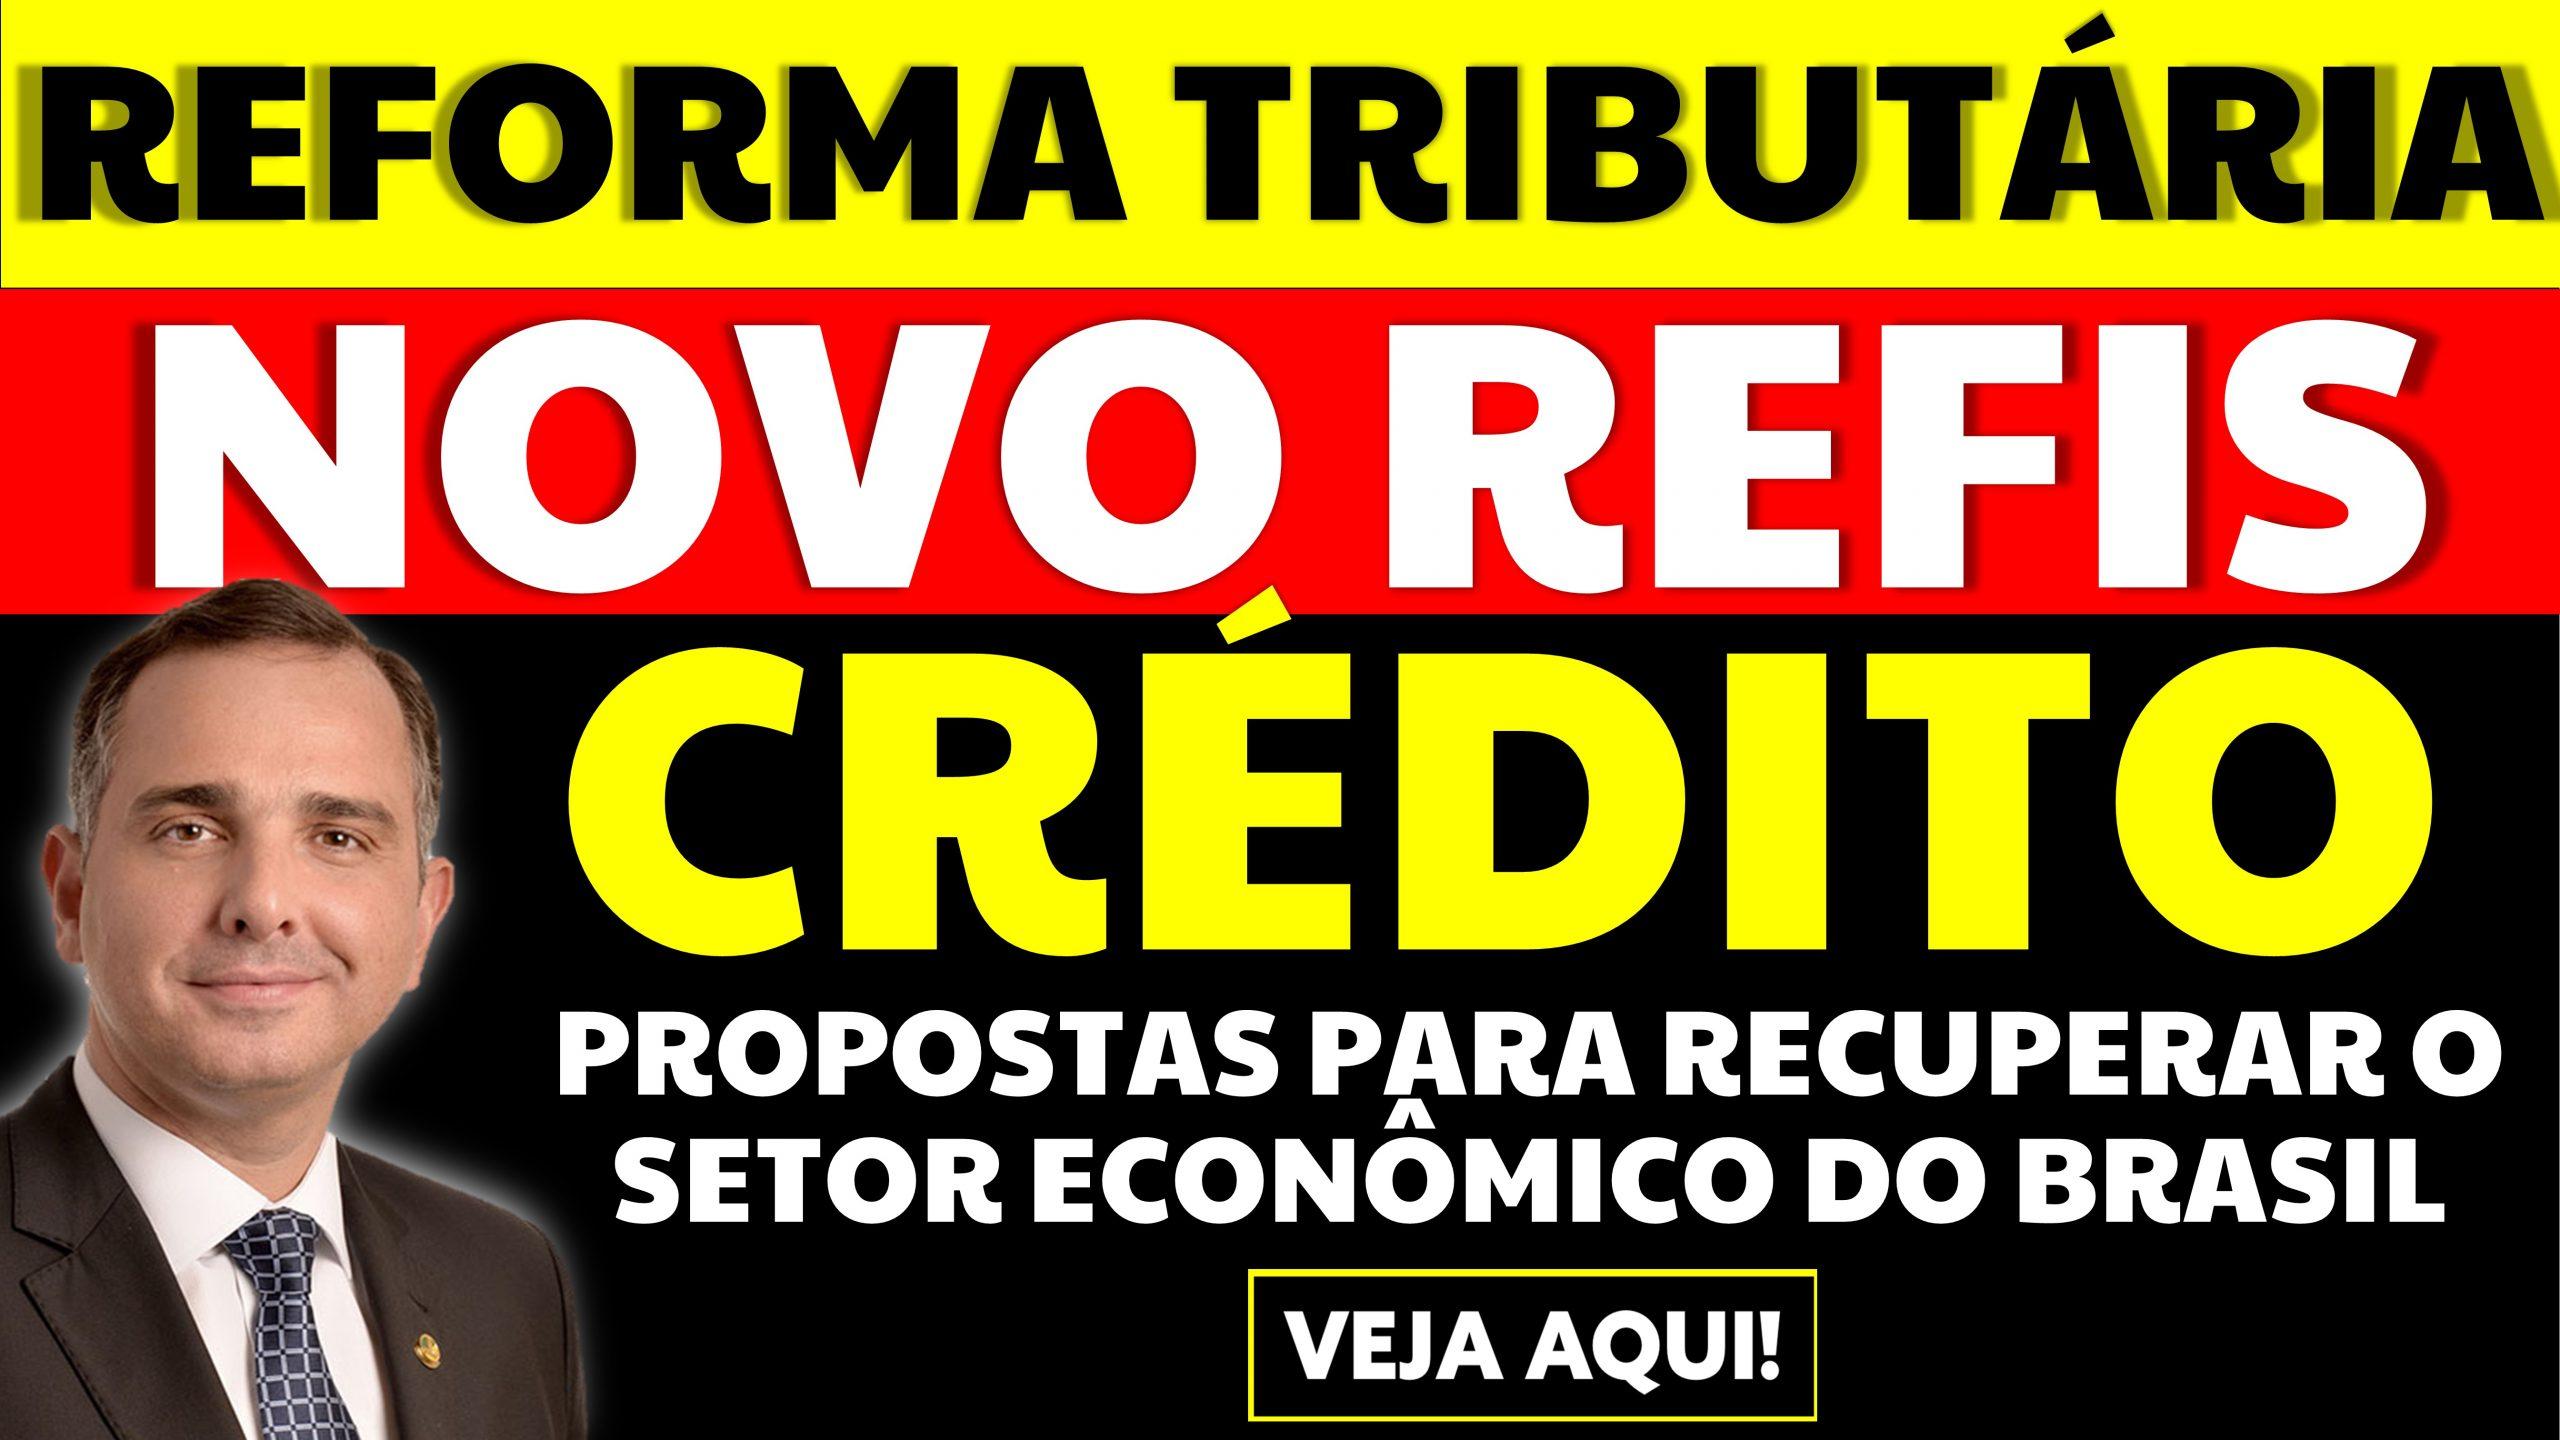 You are currently viewing Reforma Tributária, Crédito e Refis: Pacheco fala das propostas para recuperar os setores econômicos mais atingidos pela pandemia